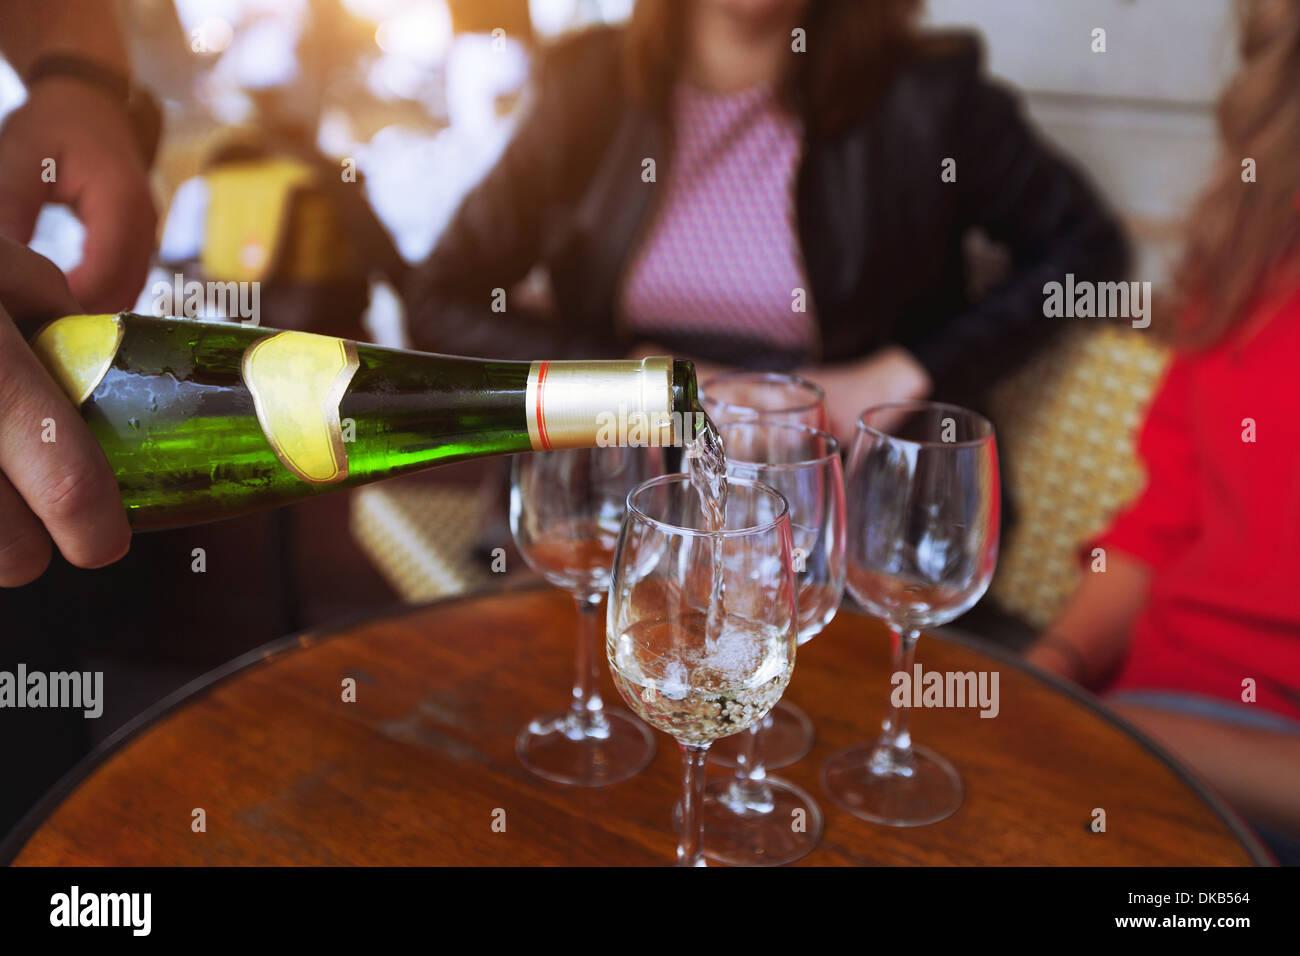 Freunde, trinken Wein im restaurant Stockbild